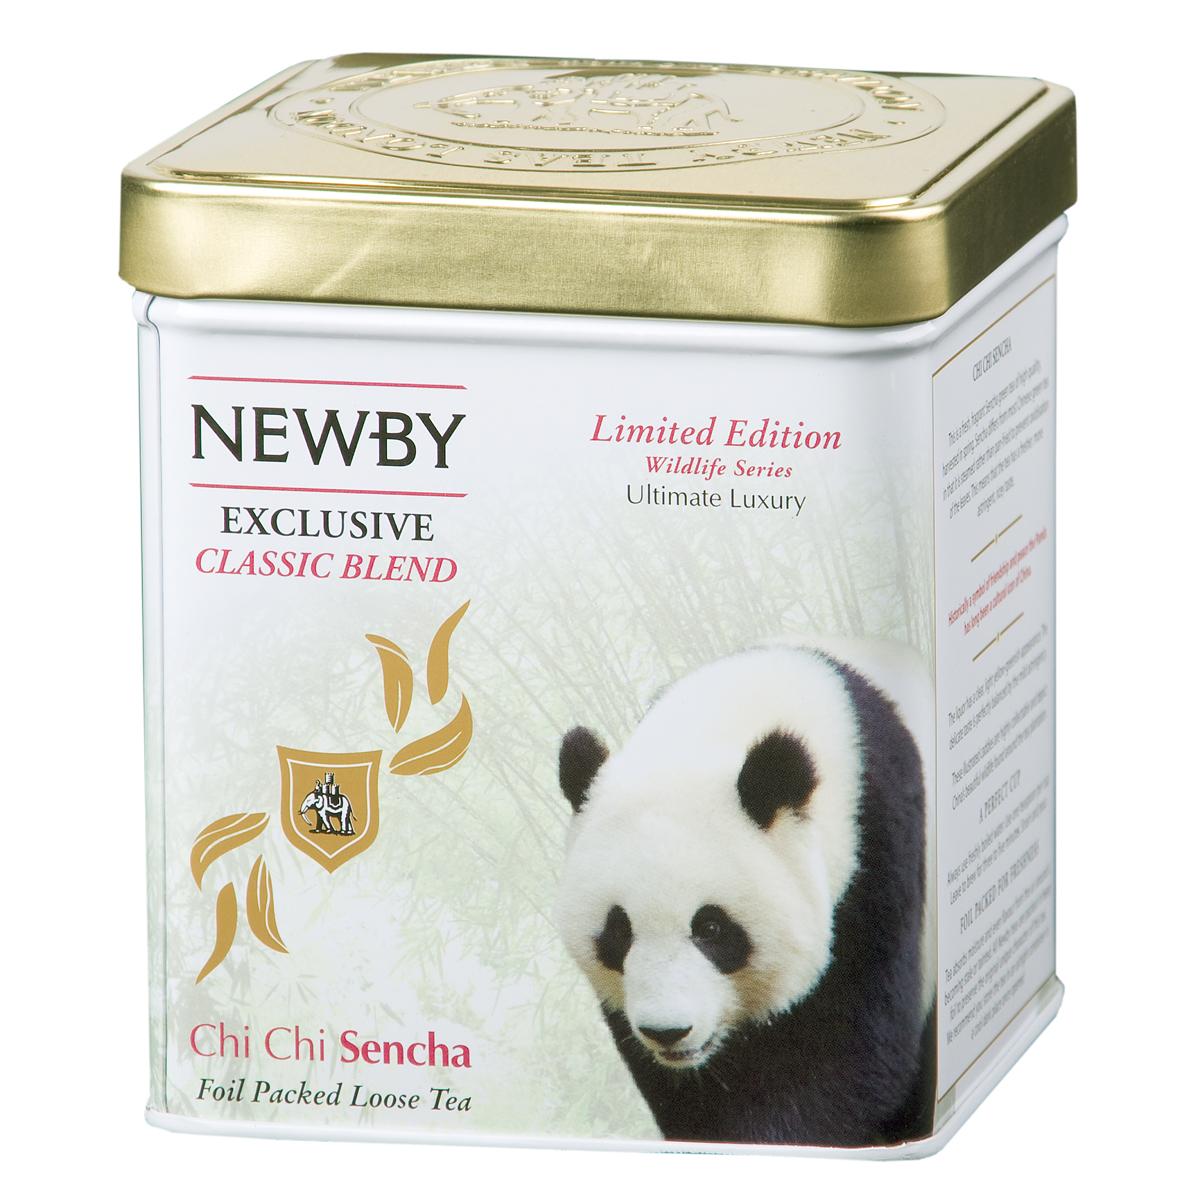 Newby Chi Chi Sencha зеленый листовой чай, 125 г0120710Традиционный зеленый чай Newby Chi Chi Sencha весеннего сбора. Светлый настой со свежим рисовым ароматом. Панда Чи Чи - китайский символ мира и дружбы.